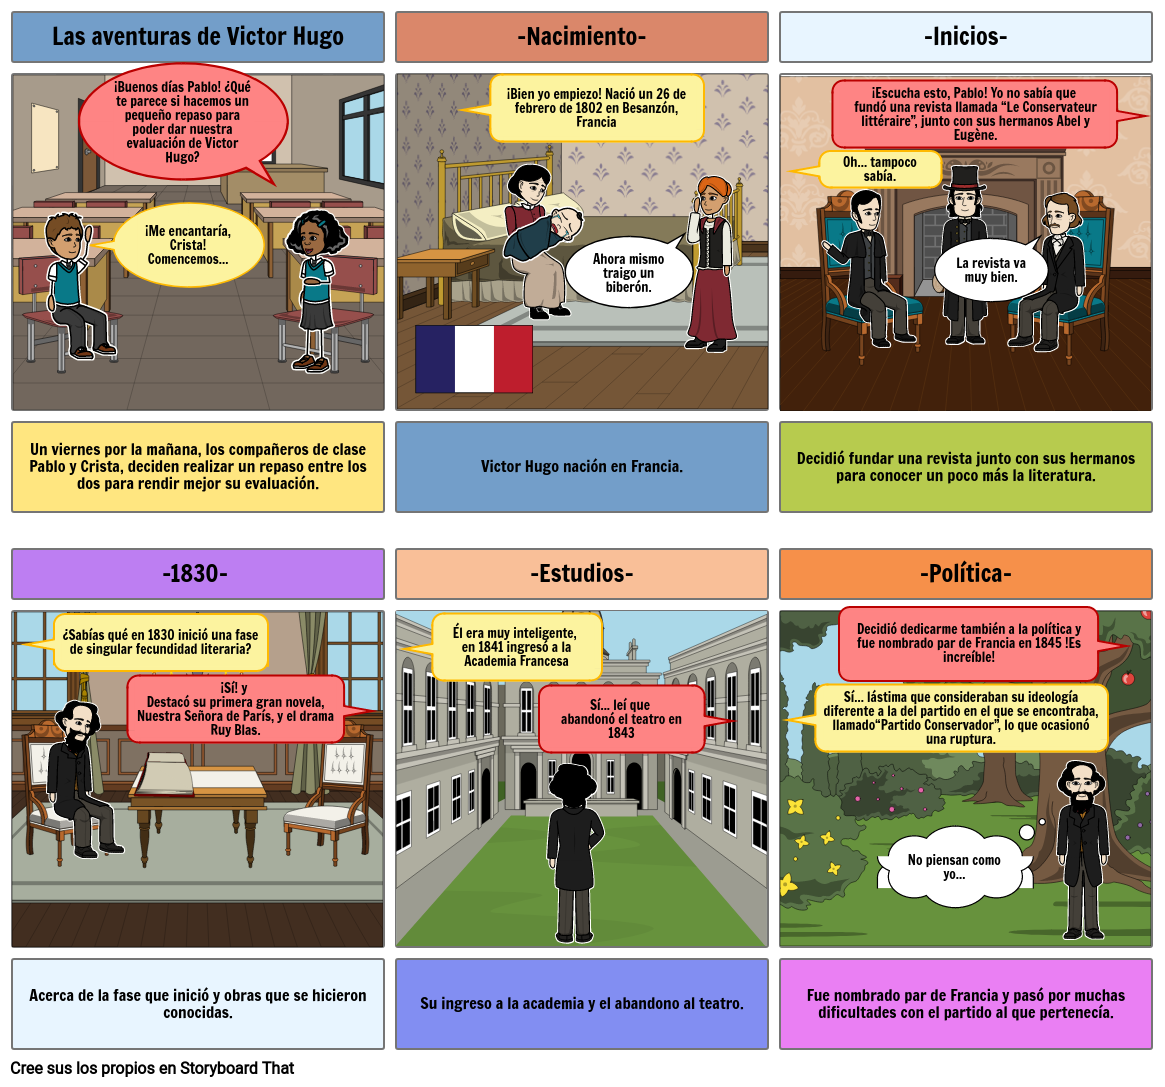 Biografía en cómic de Victor Hugo